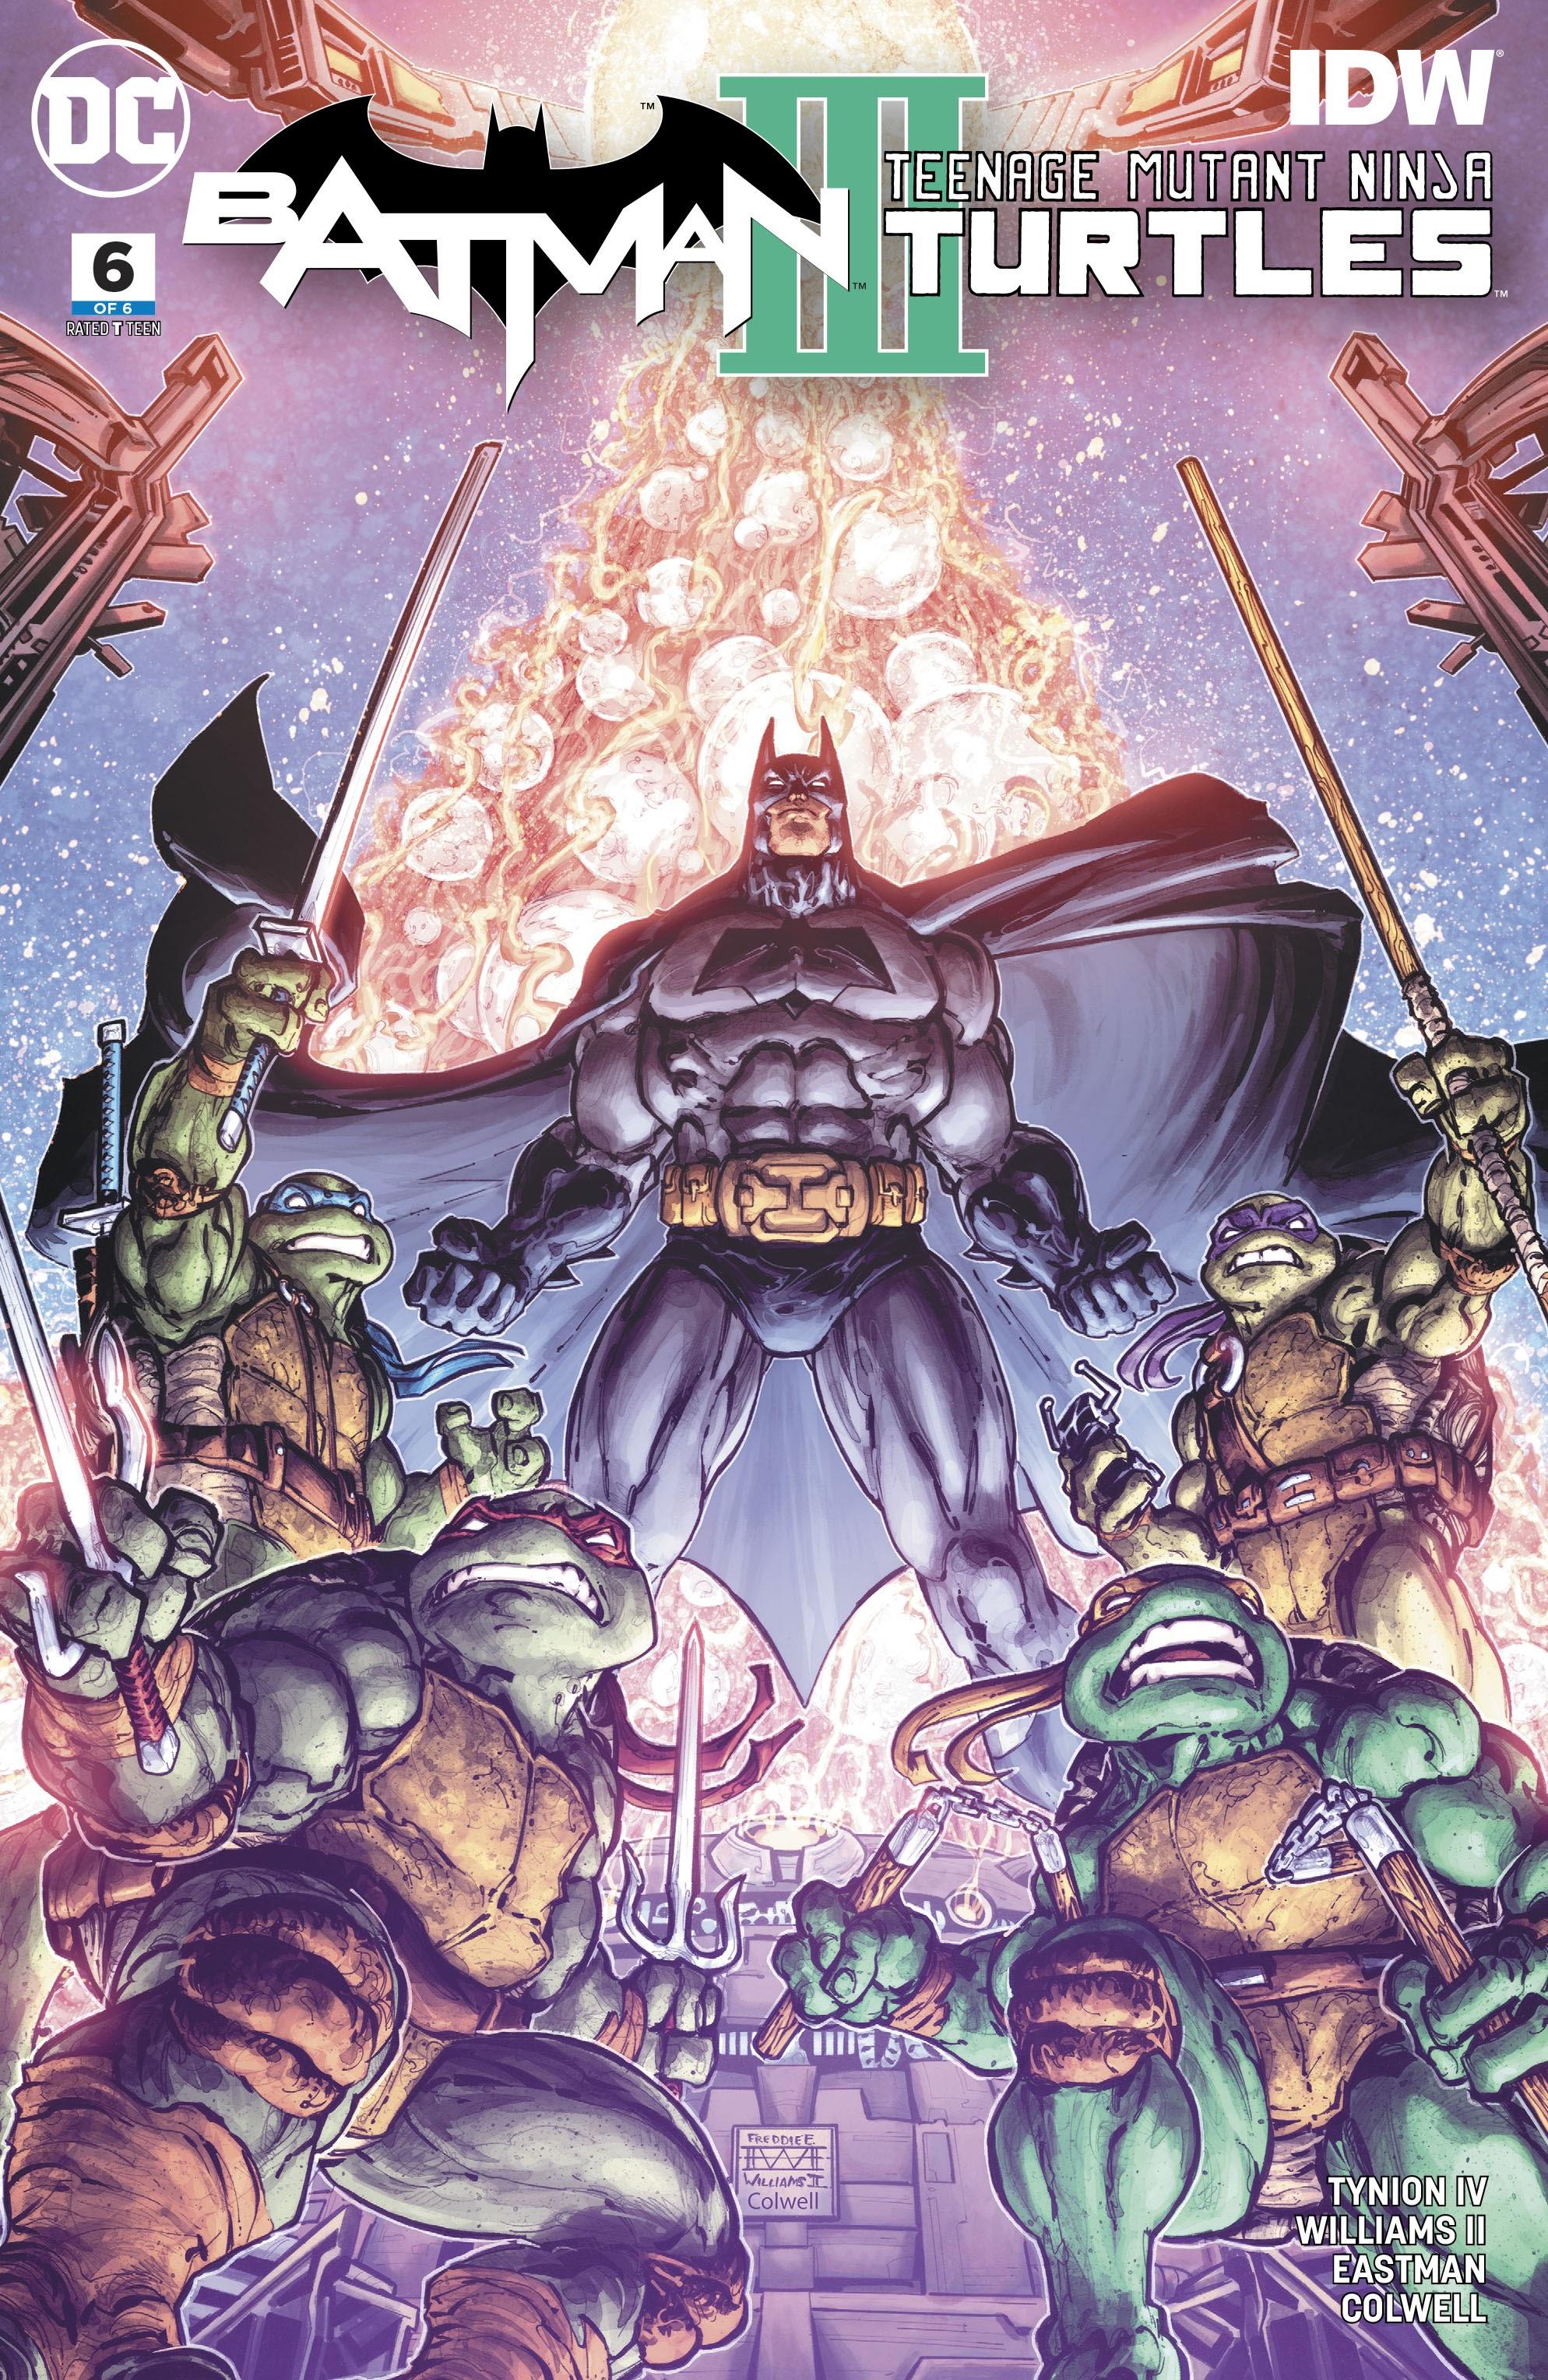 Batman/Teenage Mutant Ninja Turtles III 6 Page 1